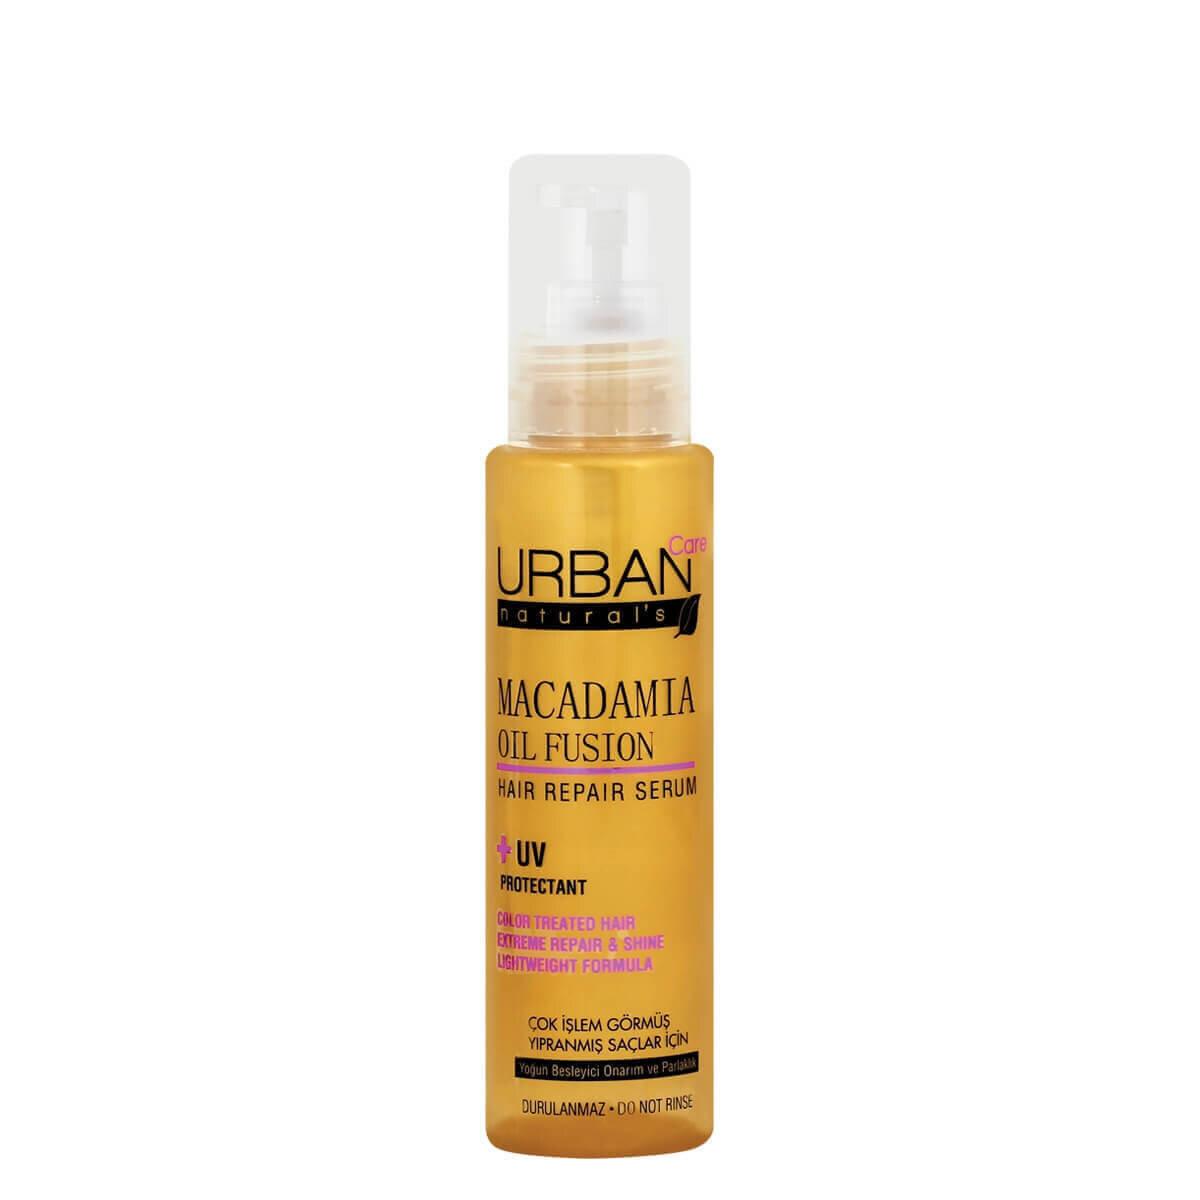 Yoğun Besleyici Onarım ve Parlaklık Veren Saç Bakım Serumu 100 ml